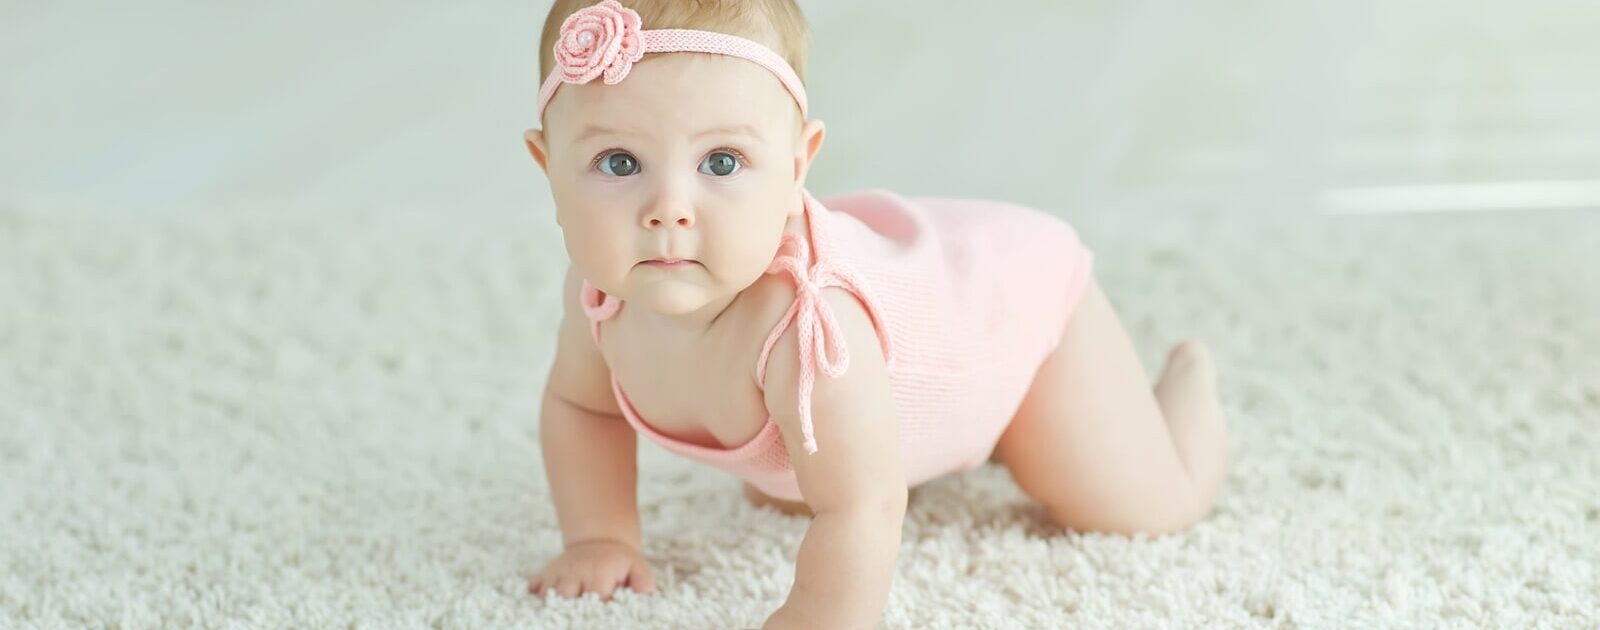 Symbolbild Motorik: Baby krabbelt über den Boden.